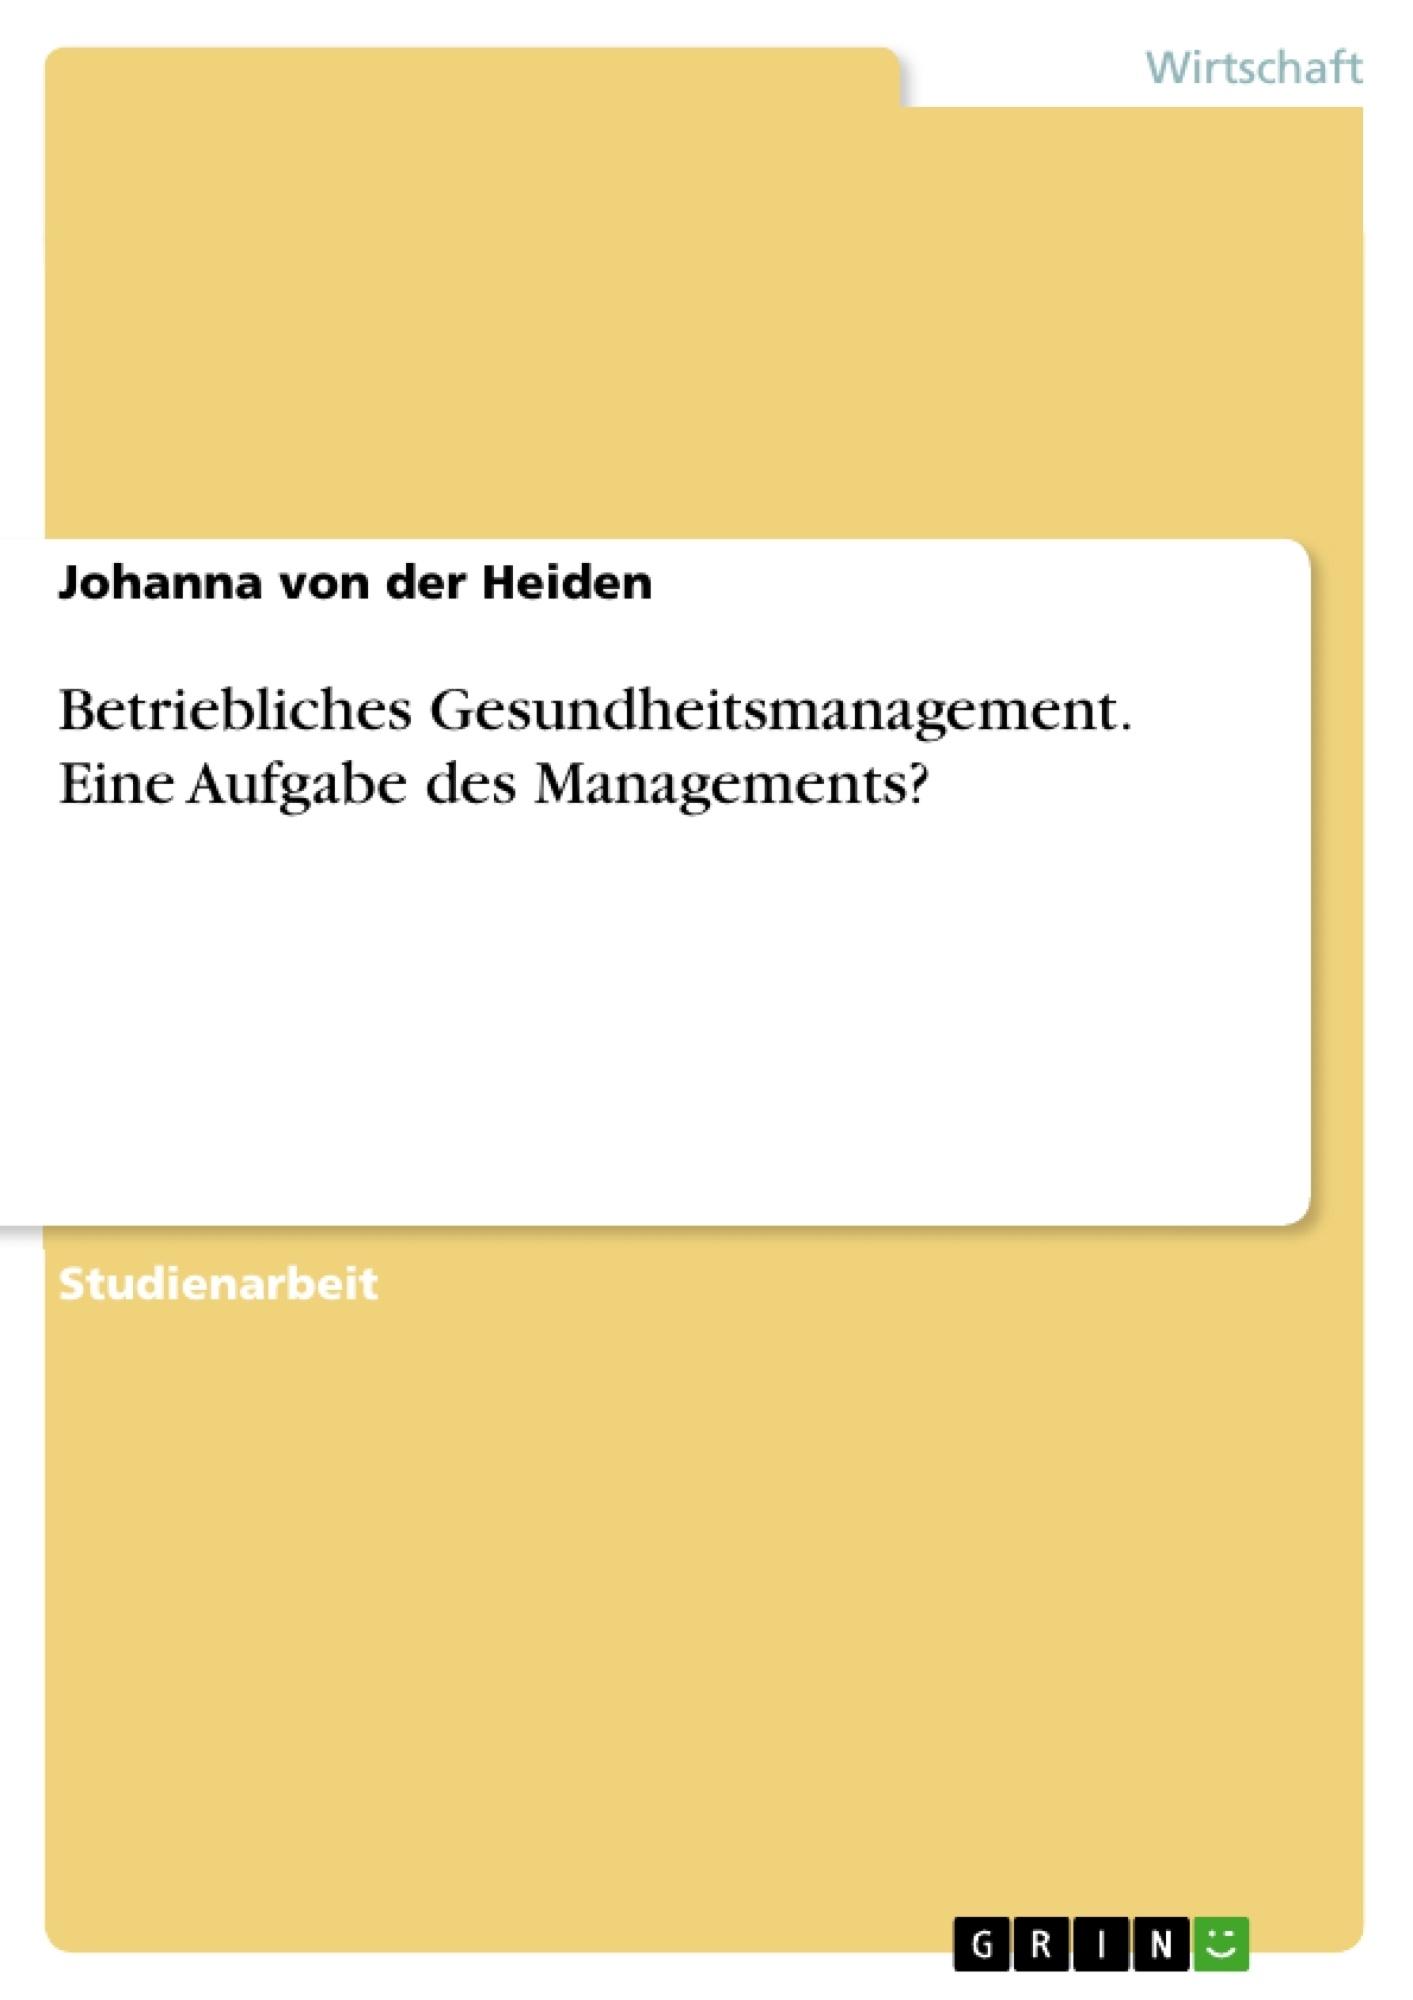 Betriebliches Gesundheitsmanagement. Eine Aufgabe des Managements ...